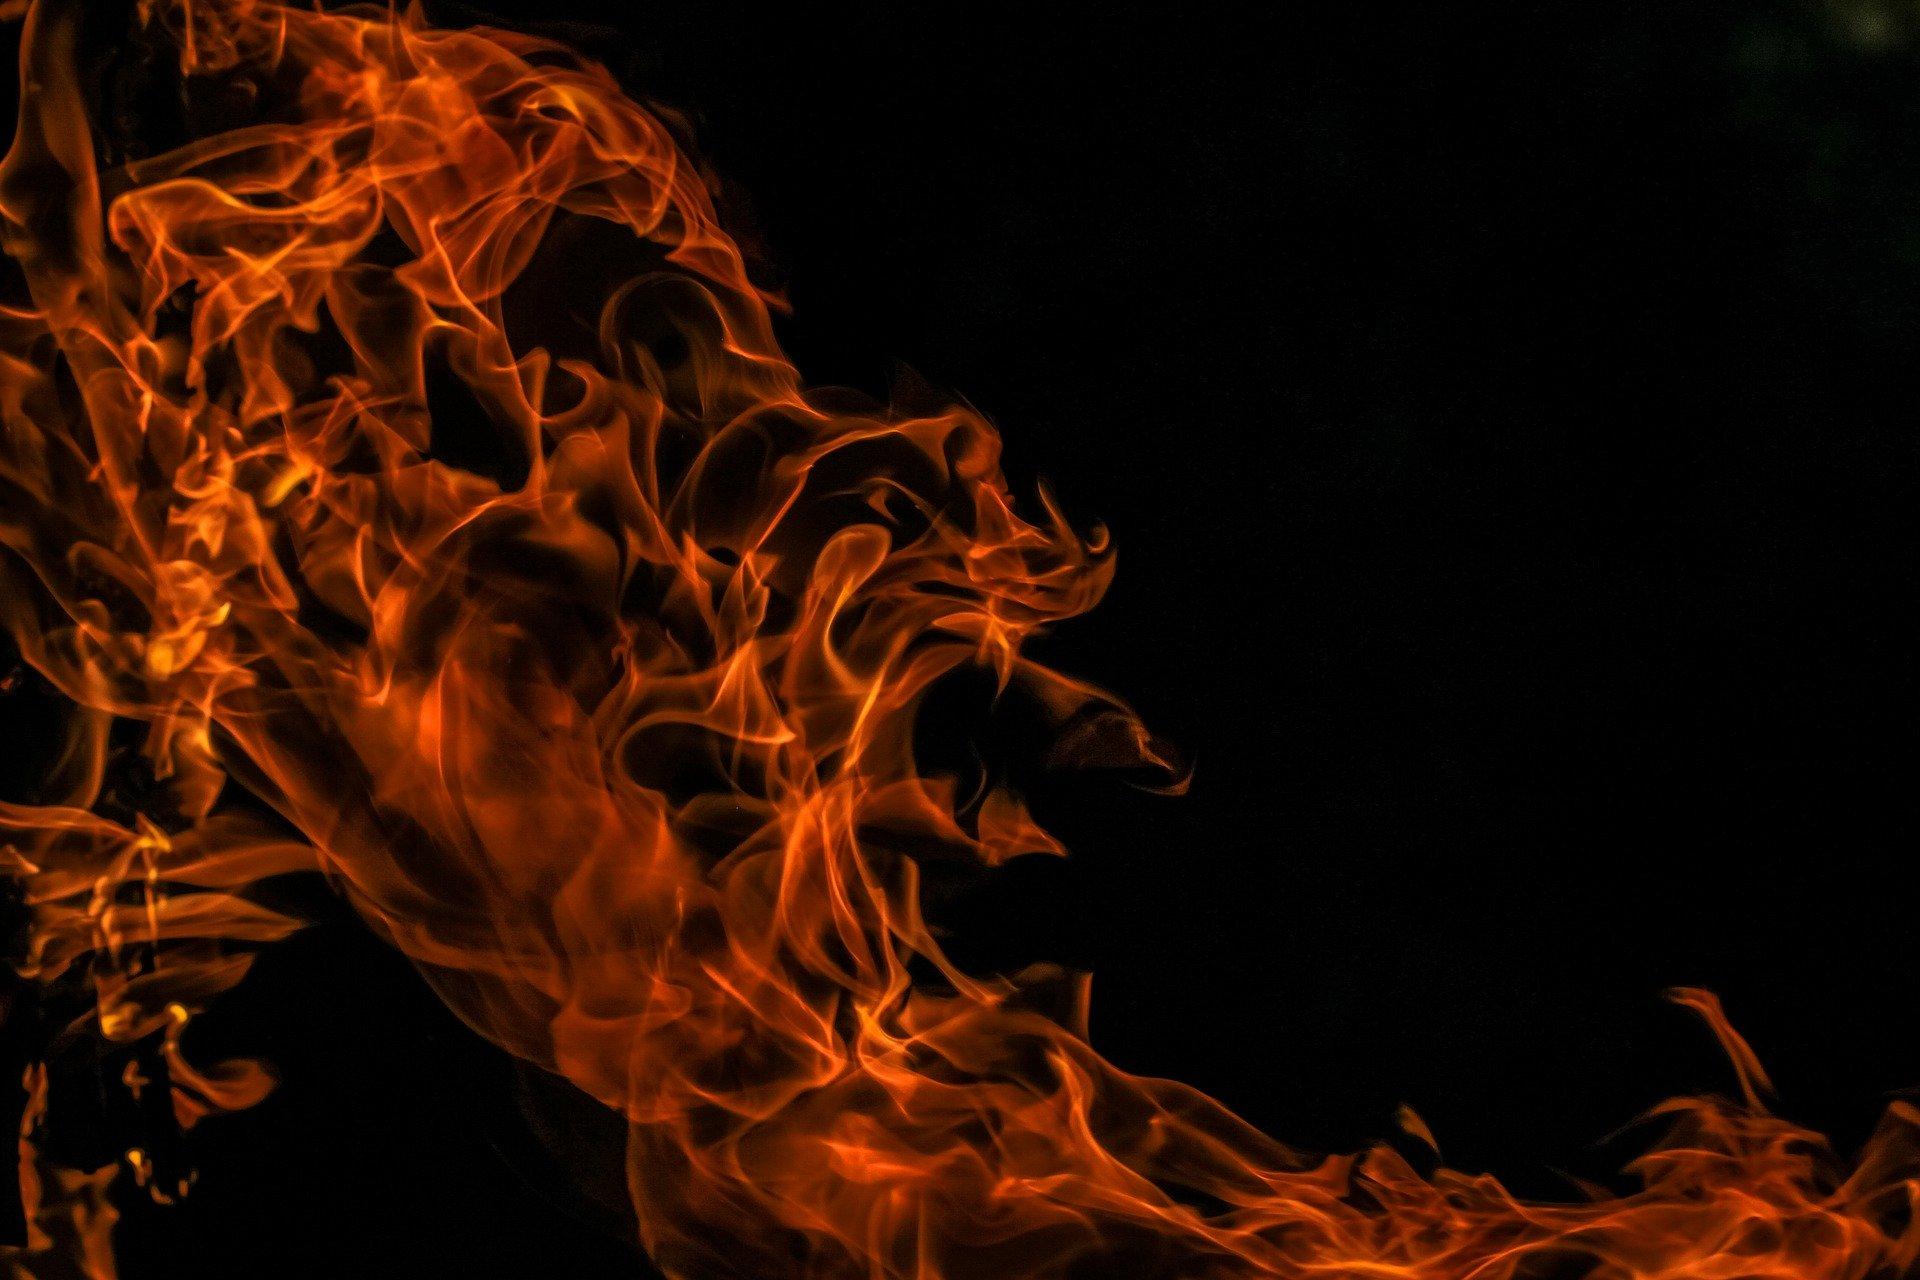 fire-1842140_1920